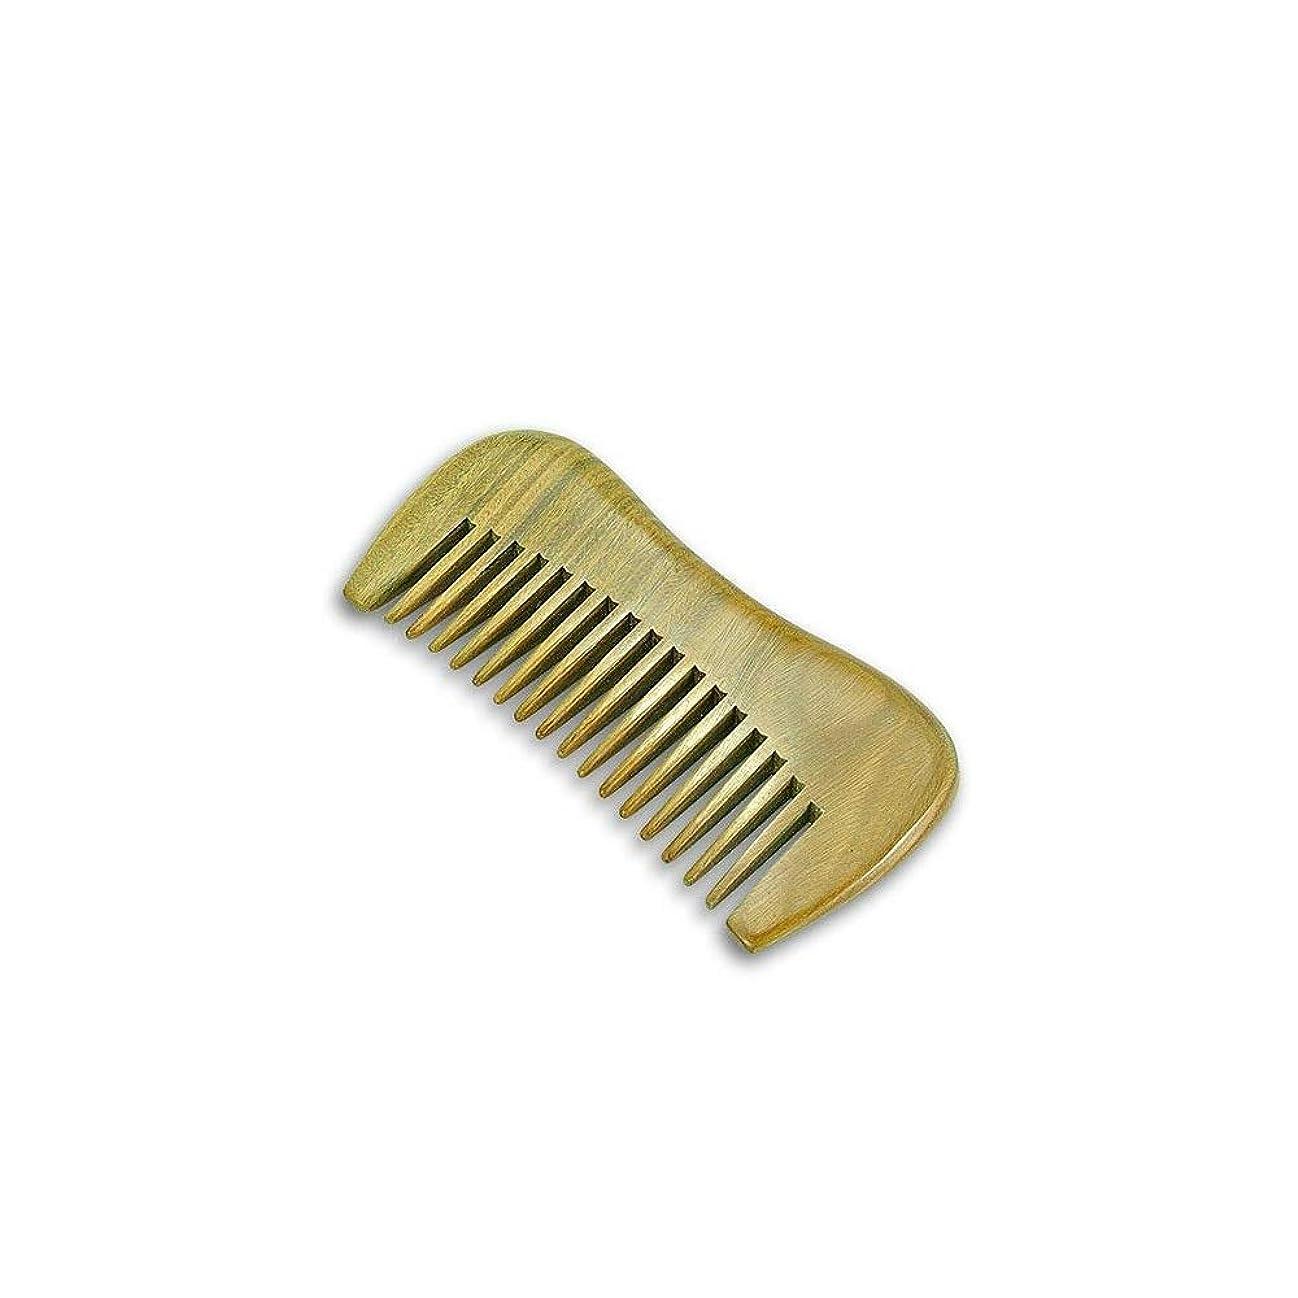 冷蔵庫入浴環境WASAIO 毛は自然なハンドメイドの緑のビャクダンの櫛の携帯用広い歯の櫛にブラシをかけます (色 : Photo color)